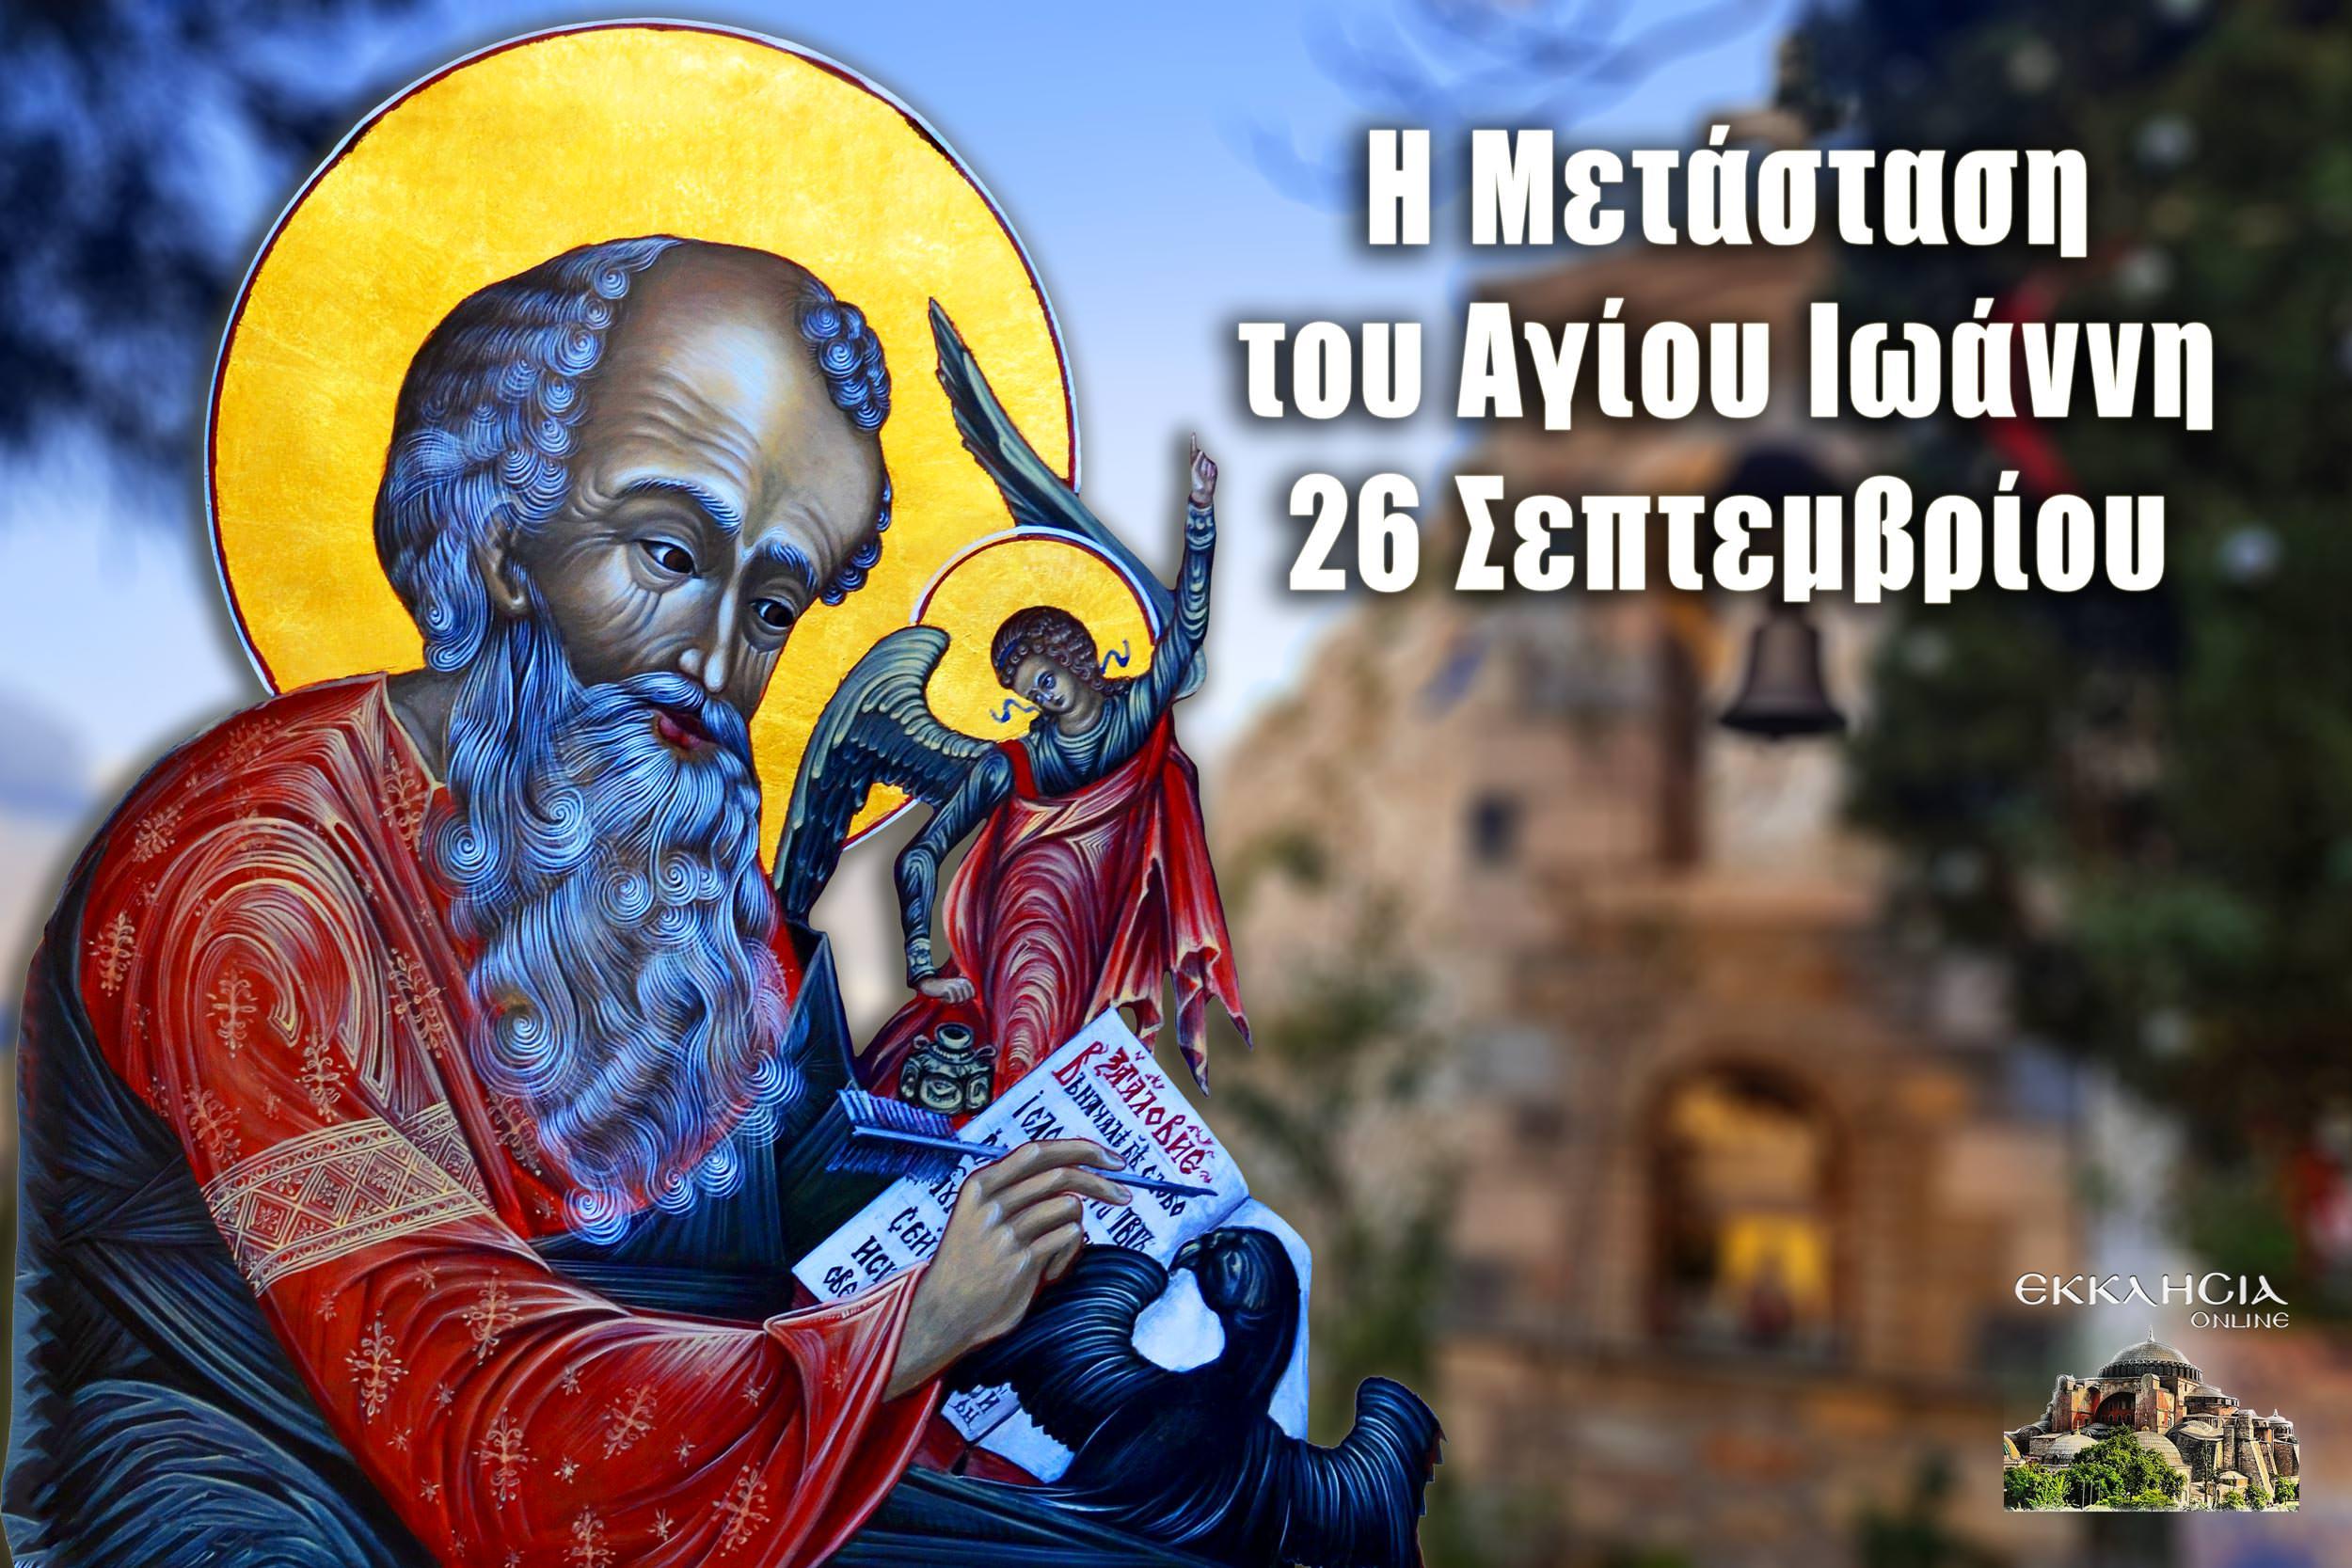 Μετάσταση Αγίου Ιωάννου 26 Σεπτεμβρίου